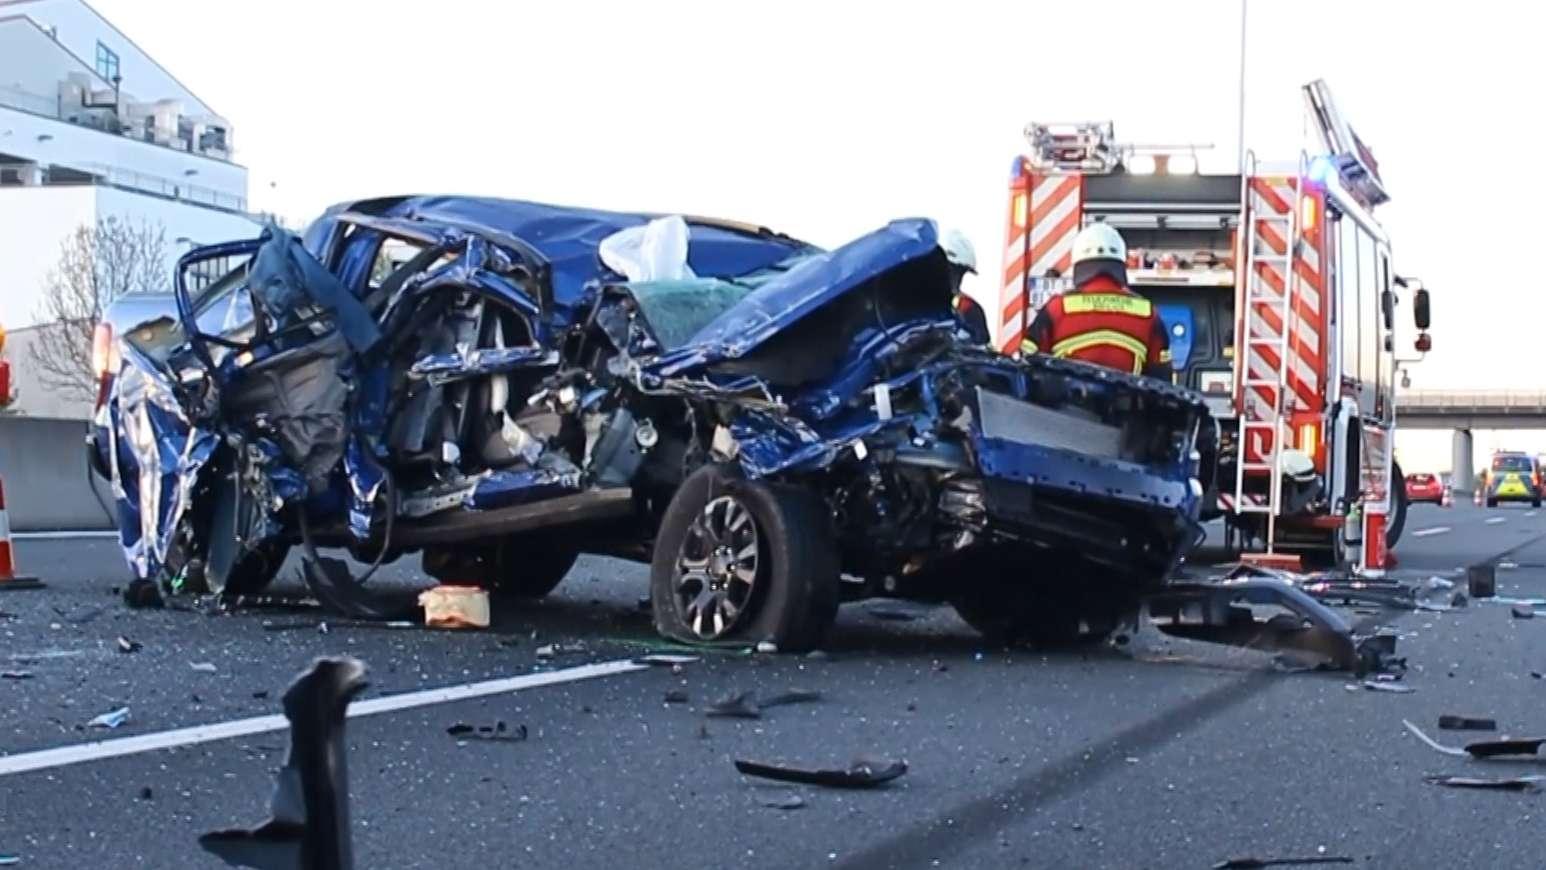 Unfall auf der A9 bei Bayreuth: Fahrer schläft ein, fährt auf Lkw auf und überschlägt sich mehrmals – aber nur leicht verletzt